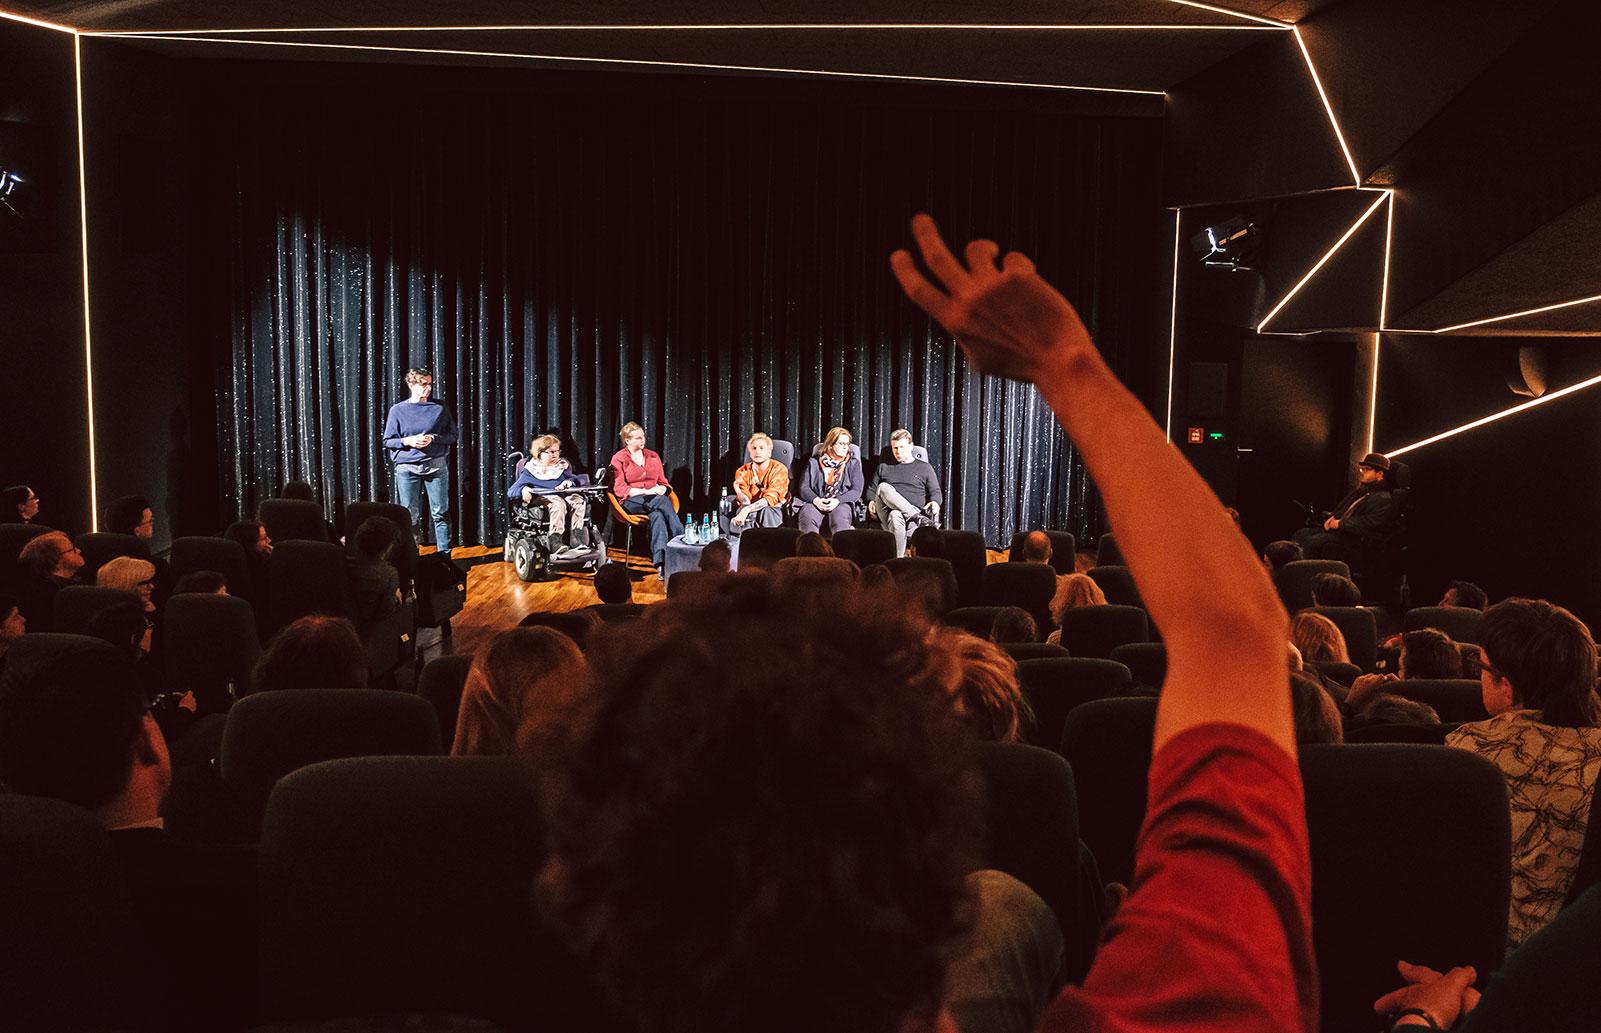 Diskussion nach DIE KINDER DER UTOPIE im Delphi LUX, Berlin. Foto: Andi Weiland, Gesellschaftsbilder.de